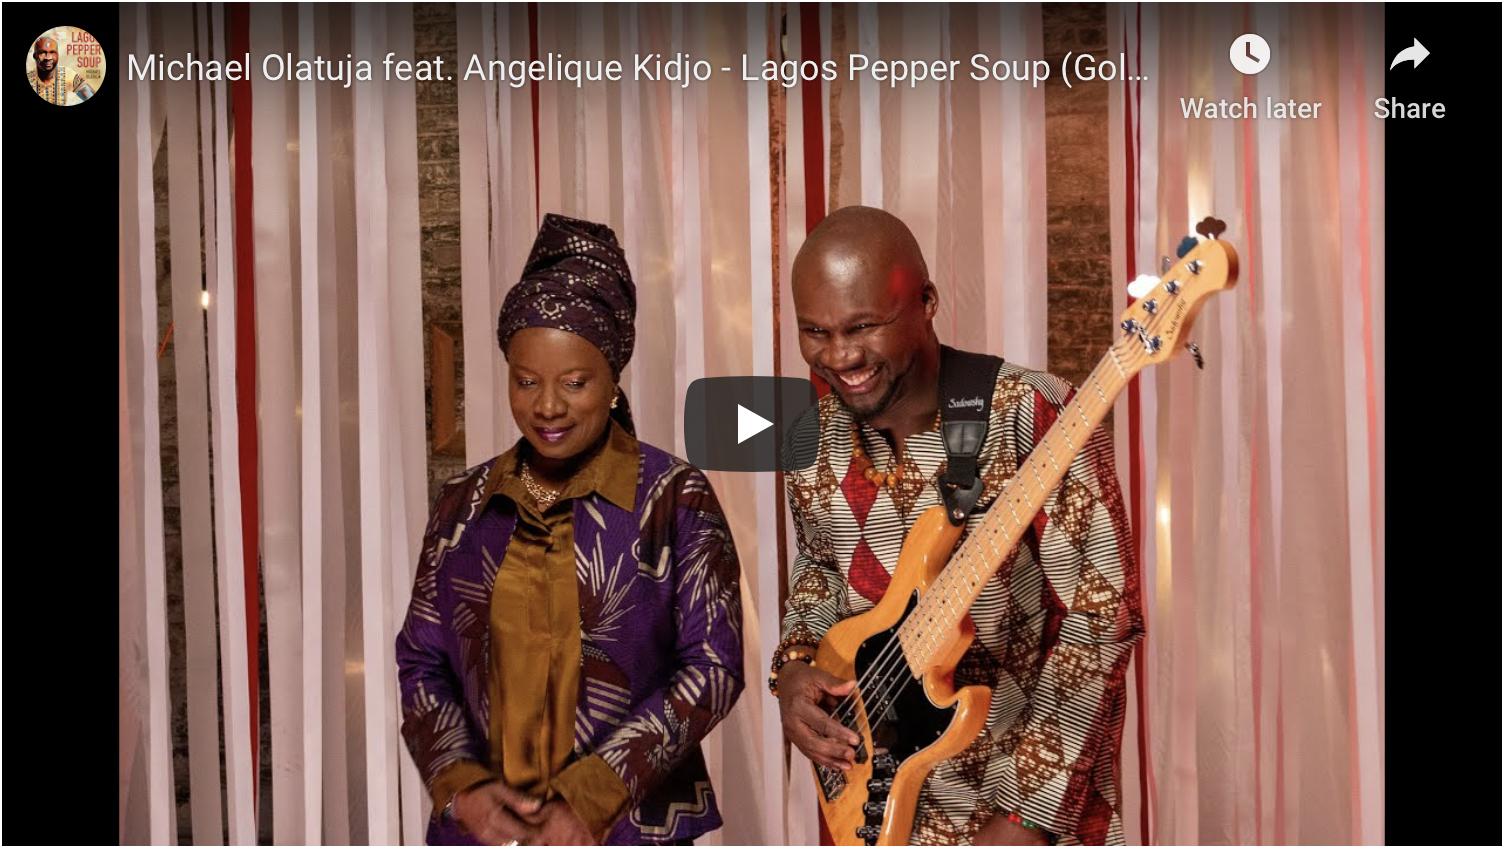 """PREMIERE: Michael Olatuja & Angélique Kidjo Cook Some """"Lagos Pepper Soup"""" – PopMatters"""